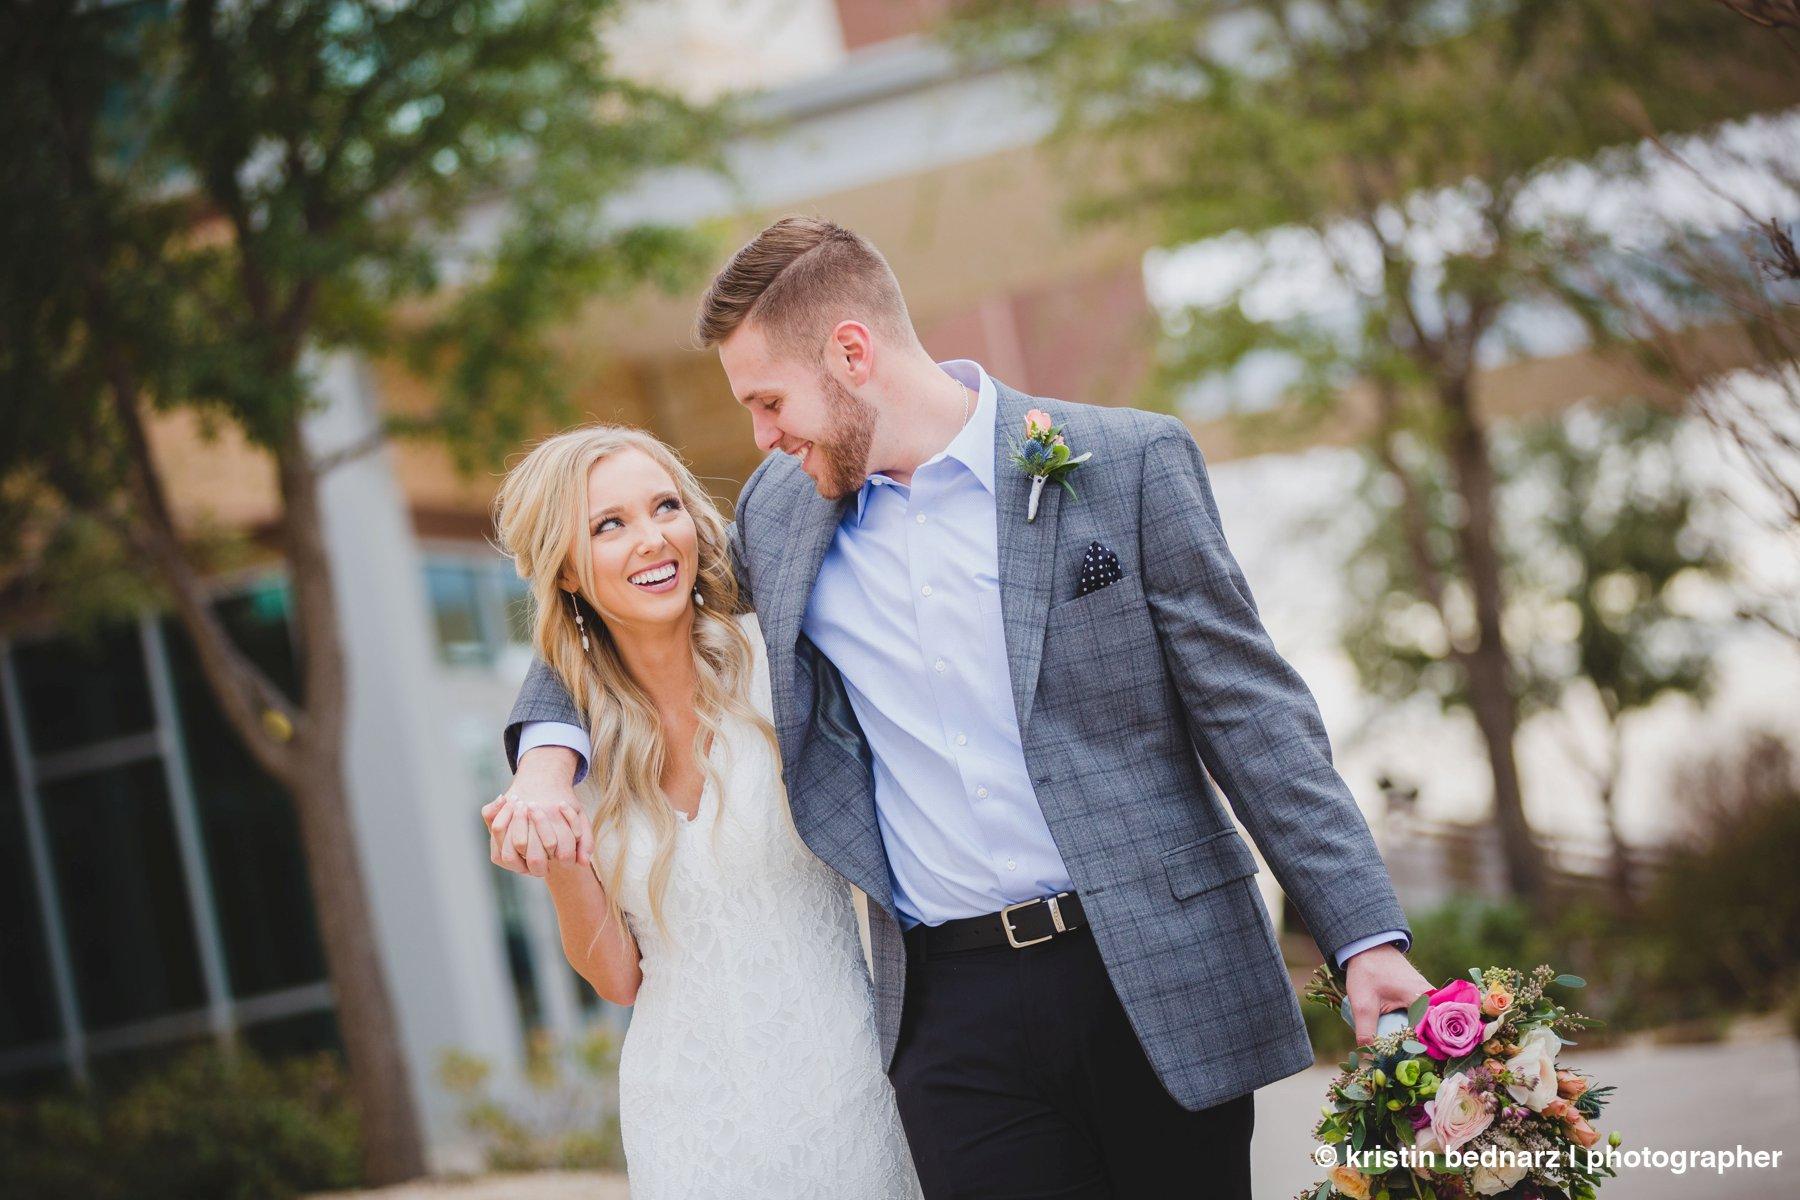 kristin_bednarz_wedding_photographer_20190214_00066sneak_peek.JPG